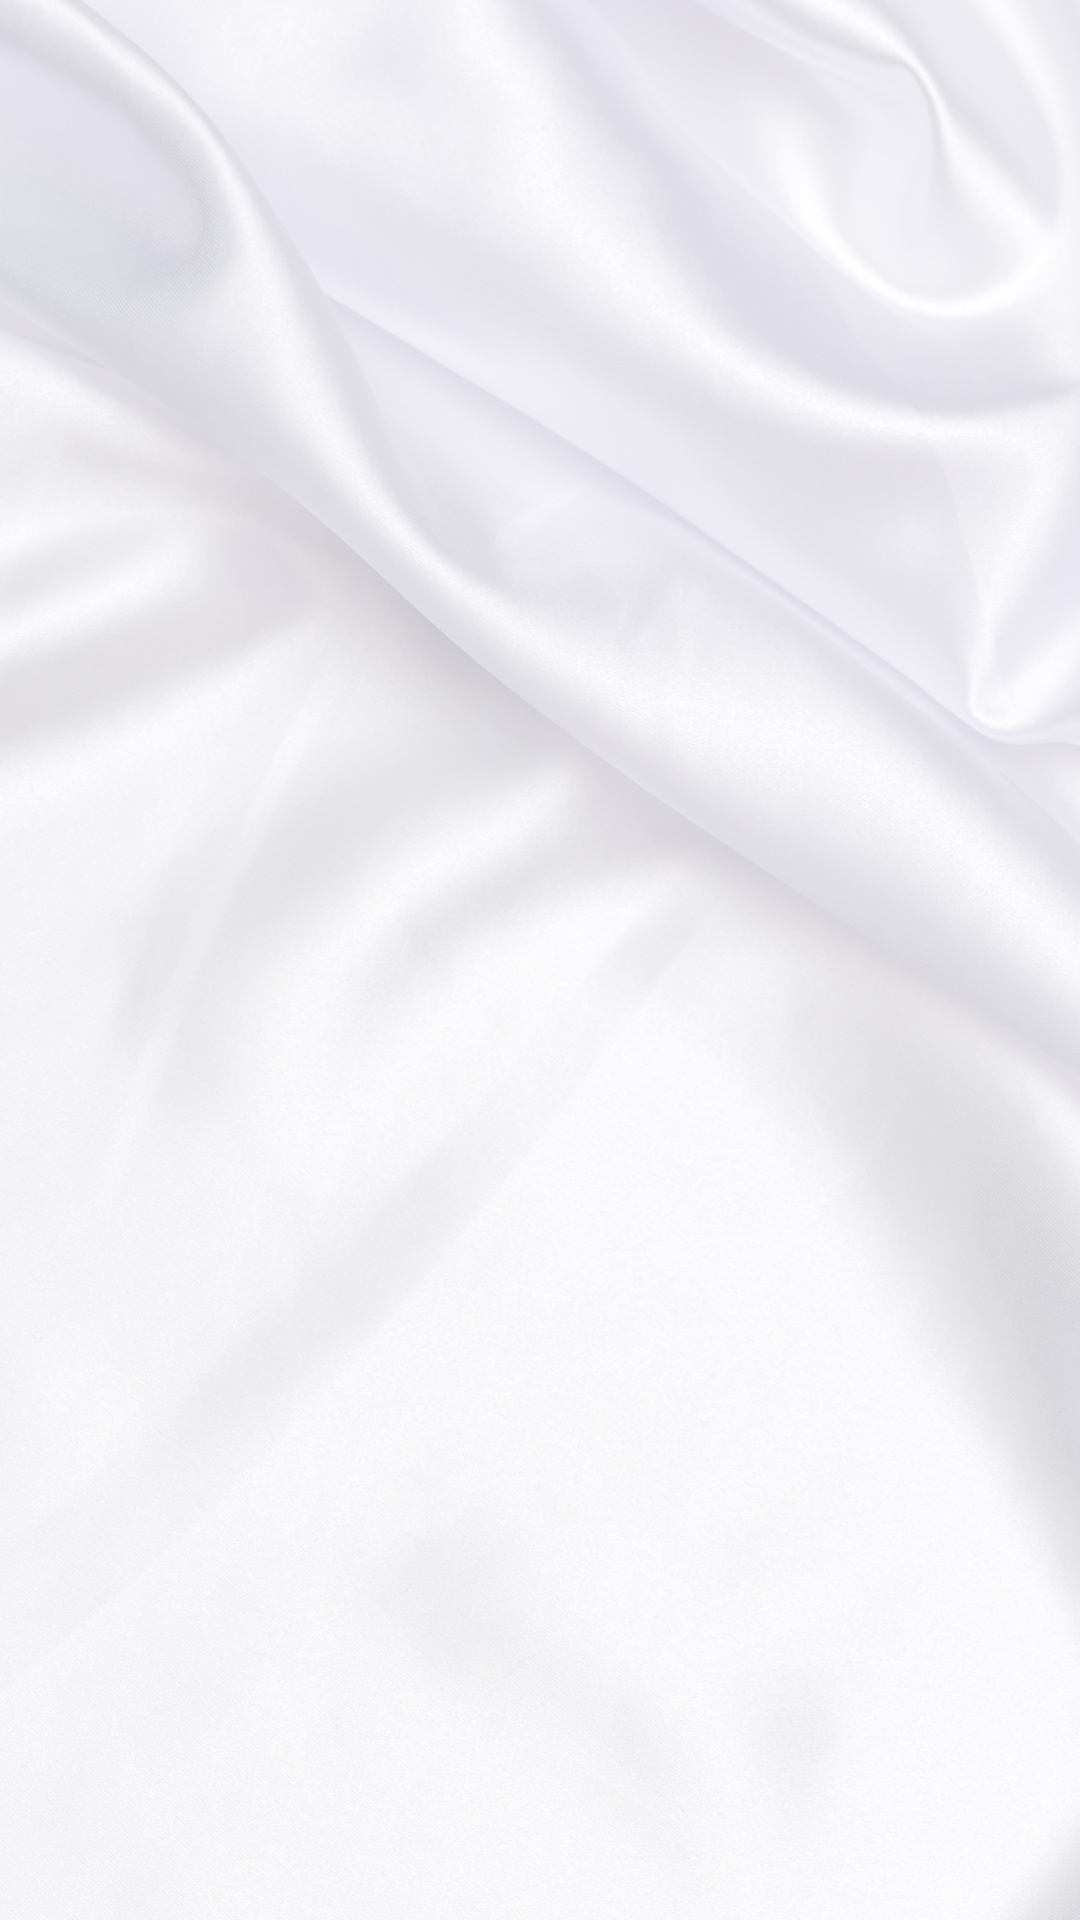 壁紙 1080x19 テクスチャー 白 織物 ダウンロード 写真